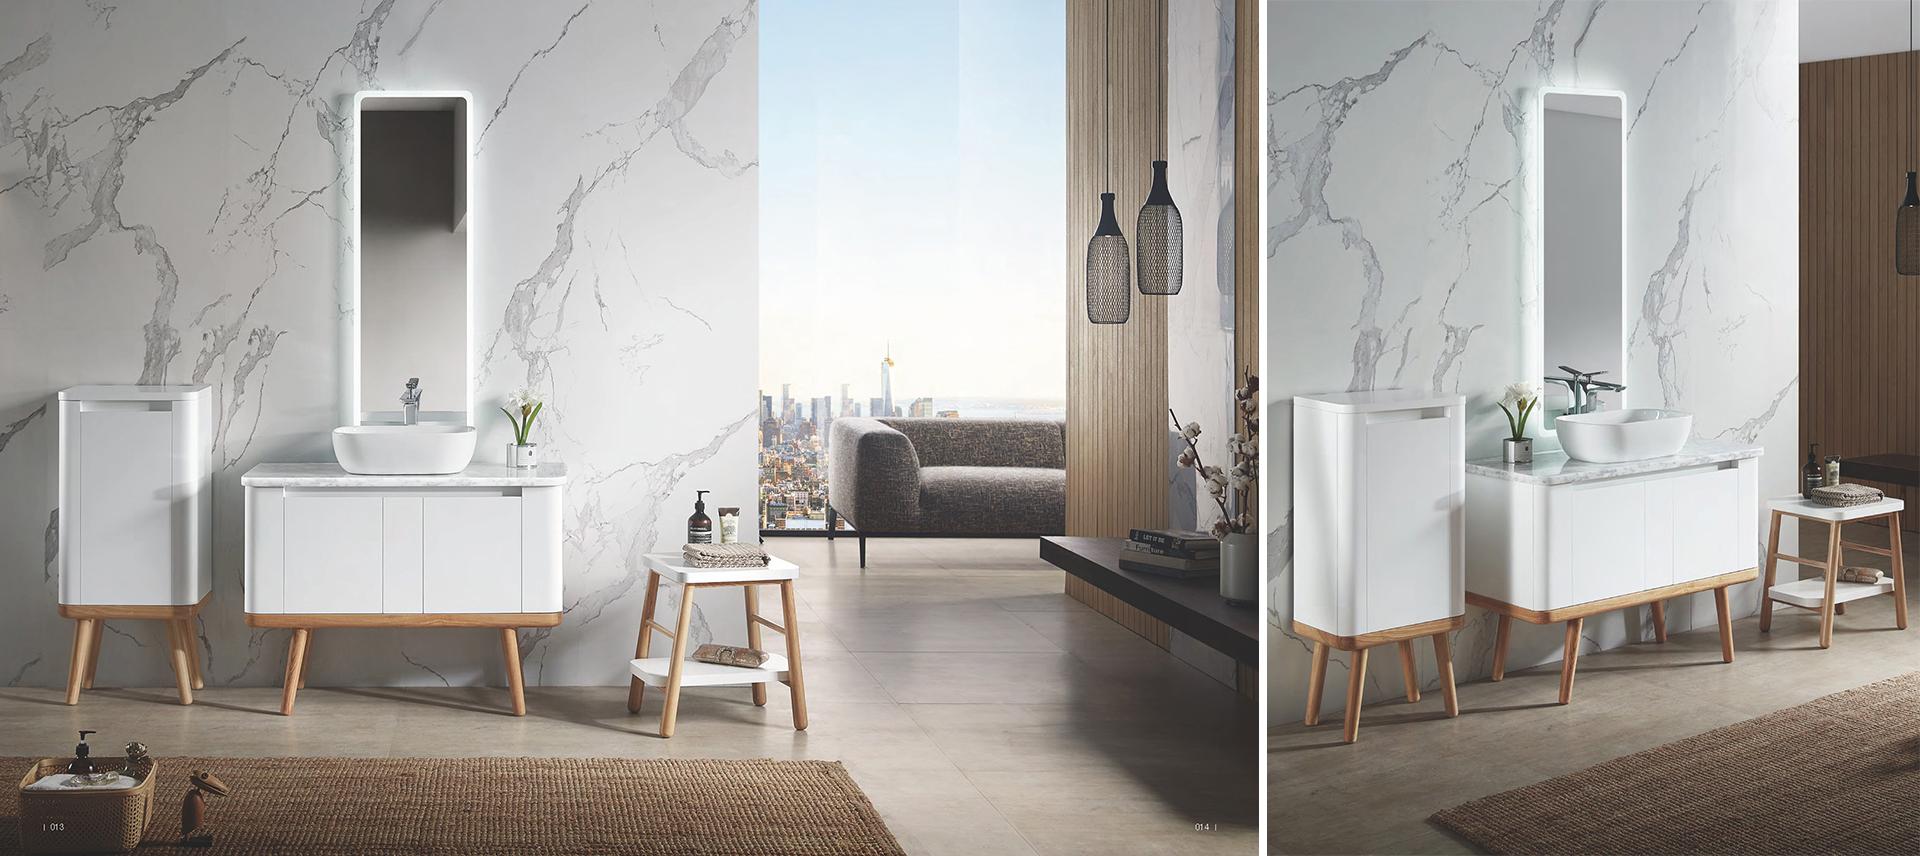 allestimento fotografico di una linea bagno disegnata da Francesco Aureli in Cina